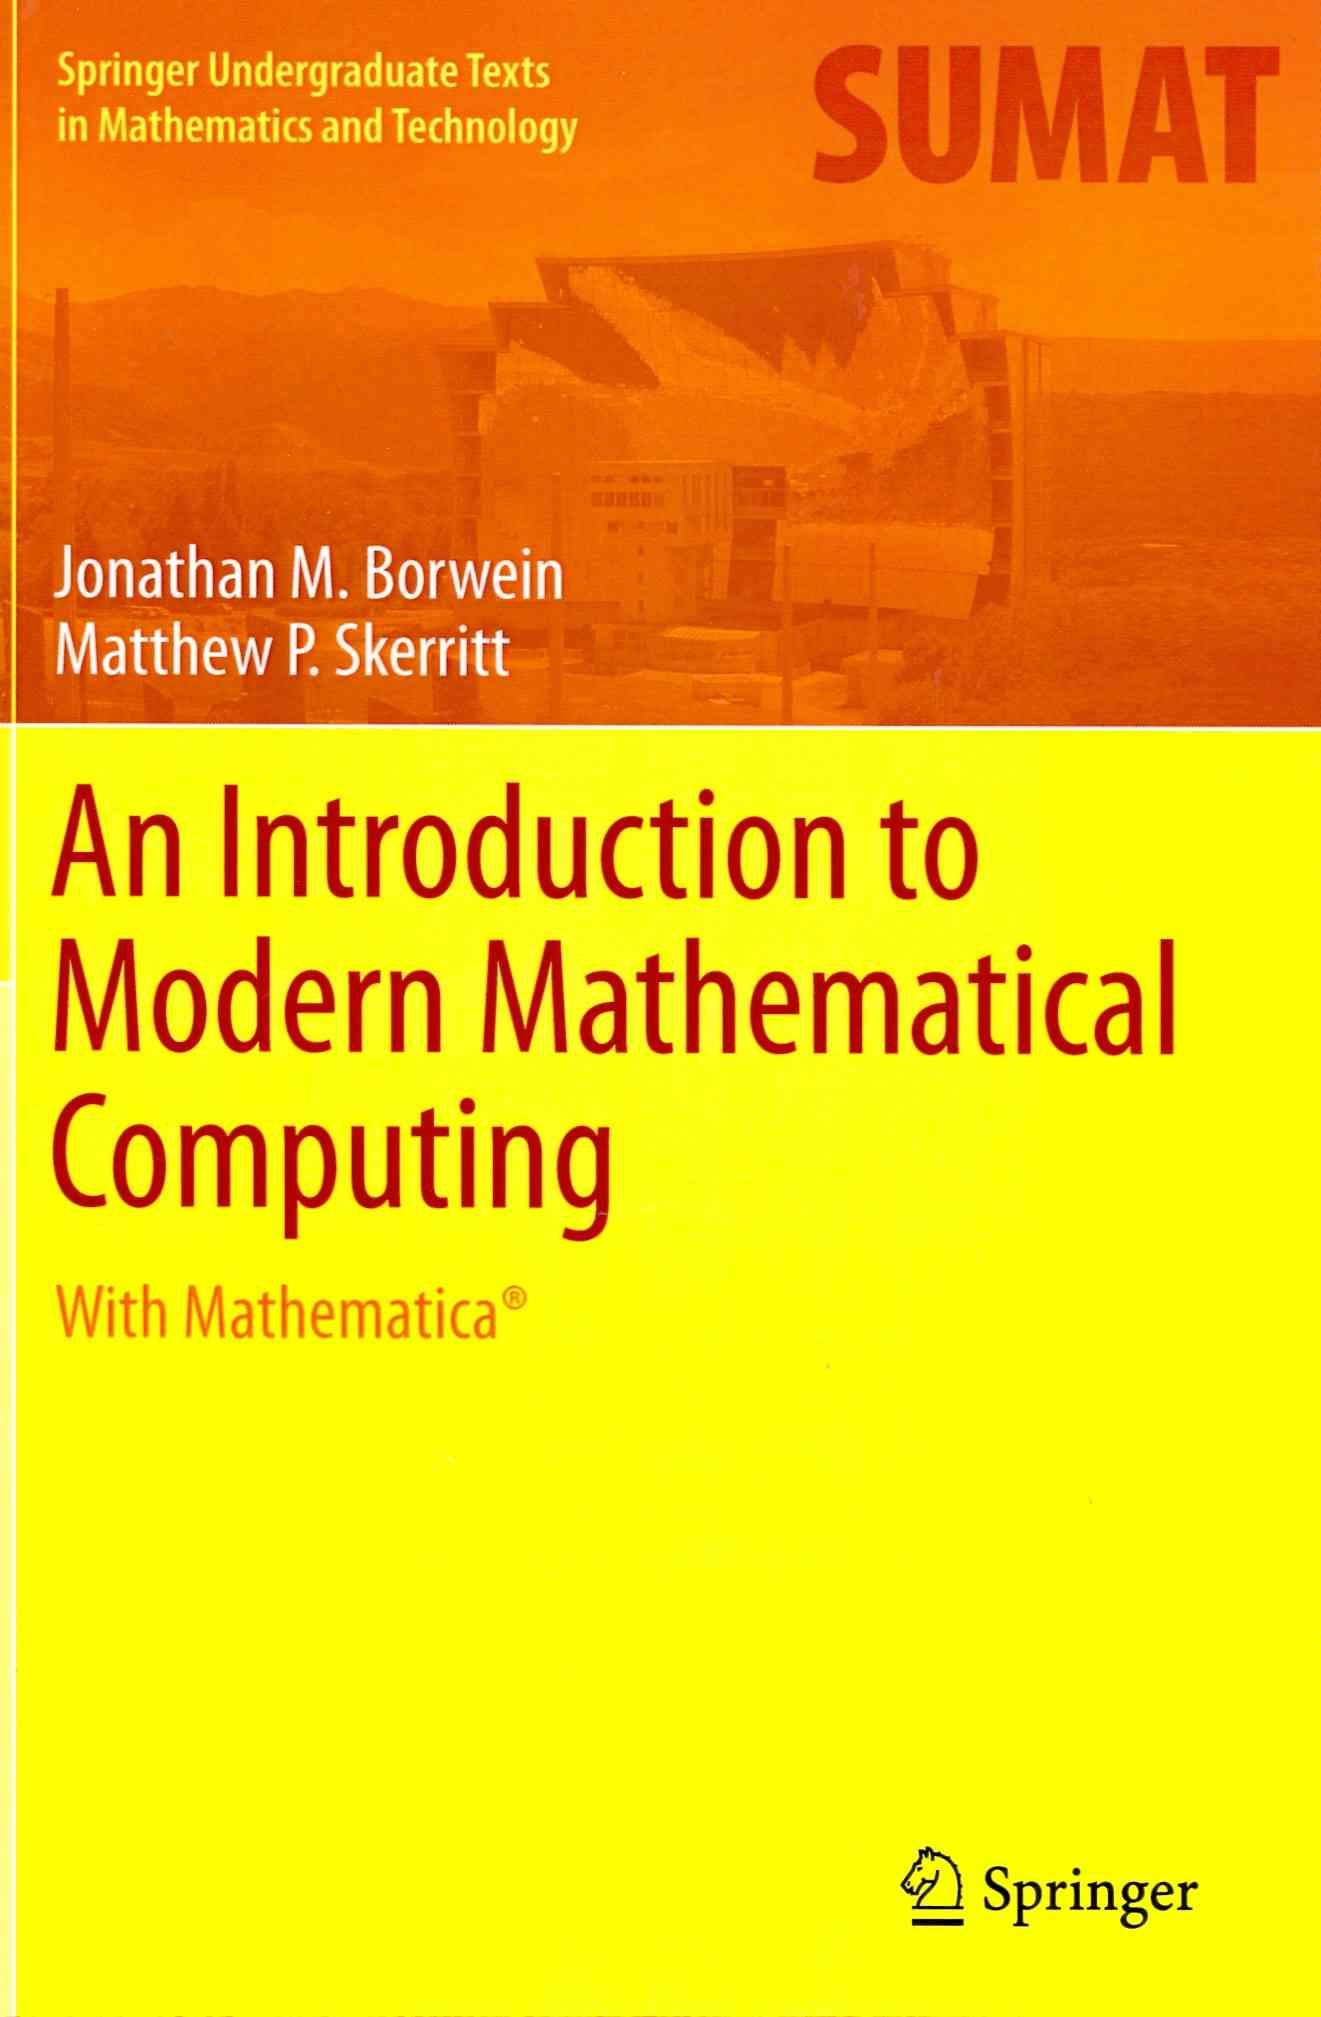 An Introduction to Modern Mathematical Computing By Borwein, Jonathan M./ Skerritt, Matthew P.